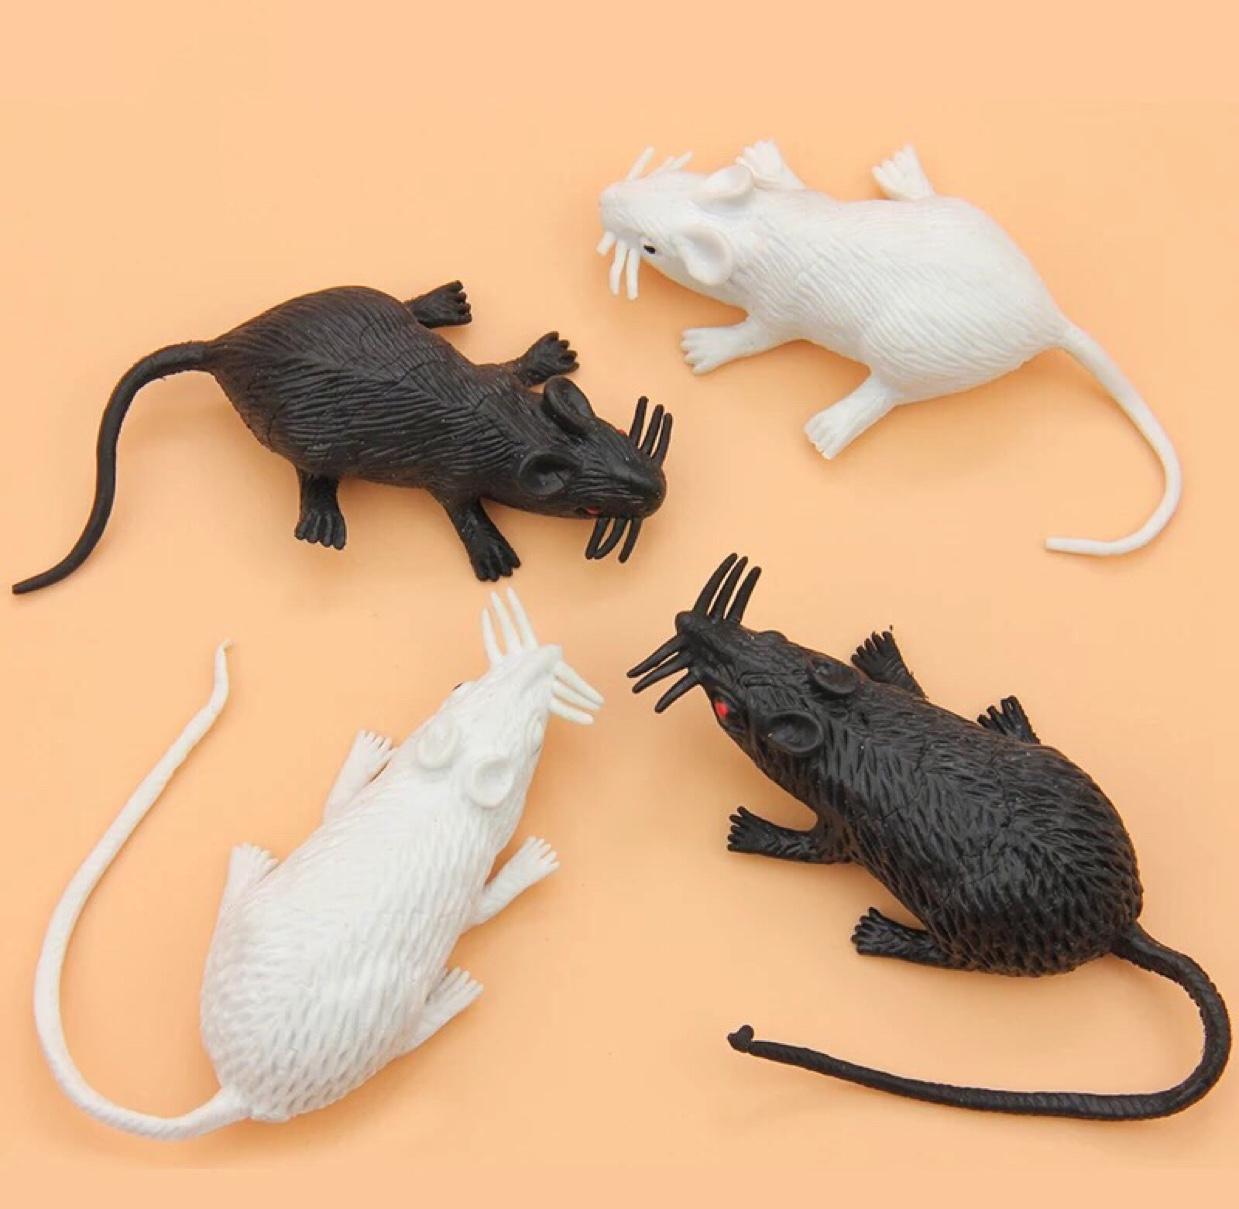 仿真软胶玩具tpr小老鼠